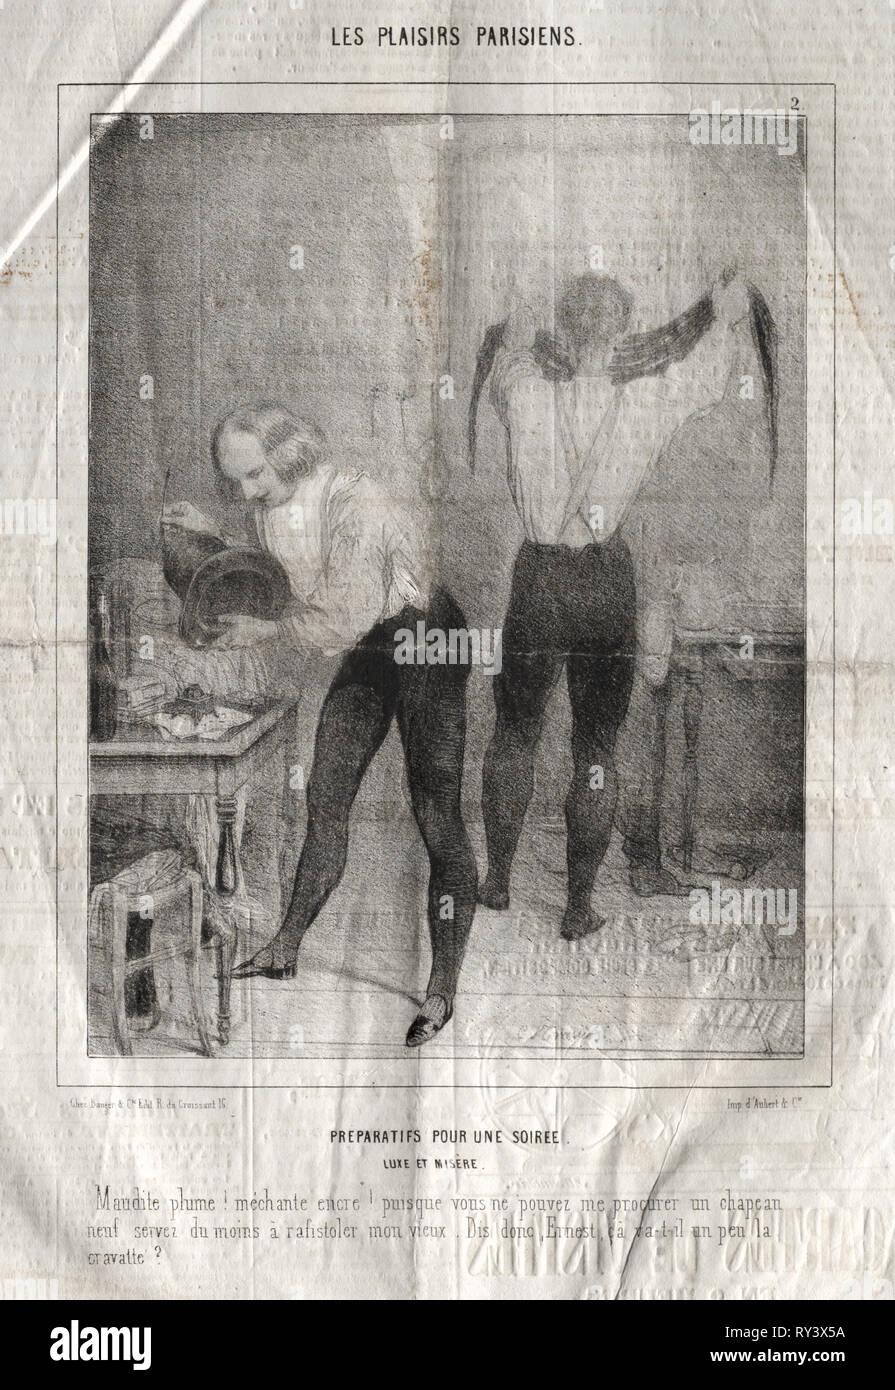 Les Plaisirs Parisiens:  Preparatifs pour une soiree.  Luxe et misère.  Maudite plume!  mèchante encre!.... Charles Joseph Traviès de Villers (French, 1804-1859). Lithograph - Stock Image